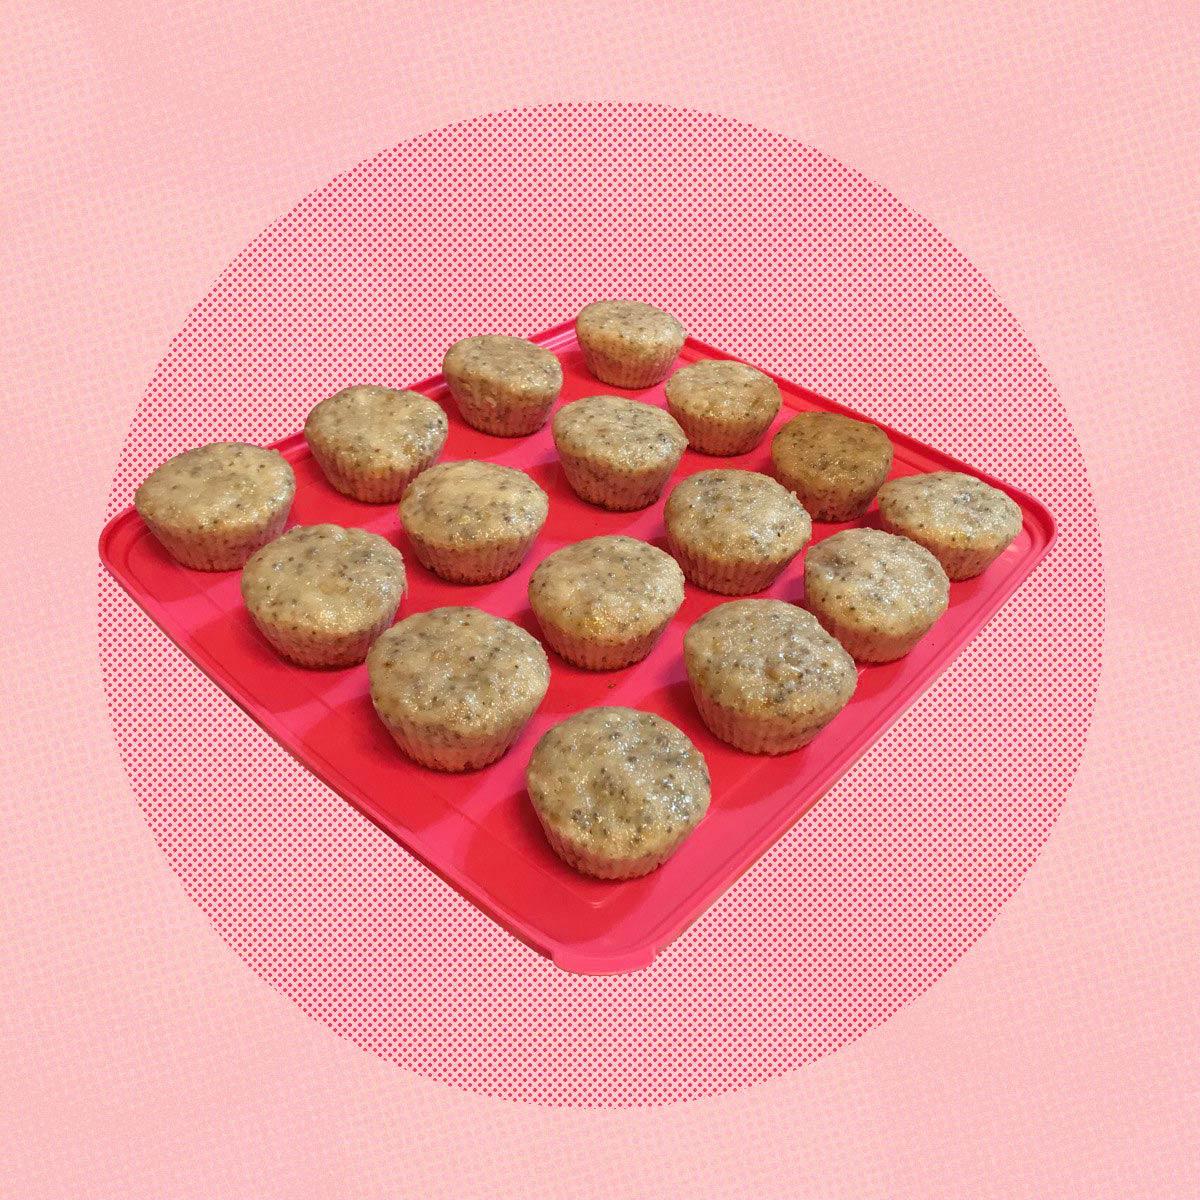 Muffins con bandeja y fondo rosado